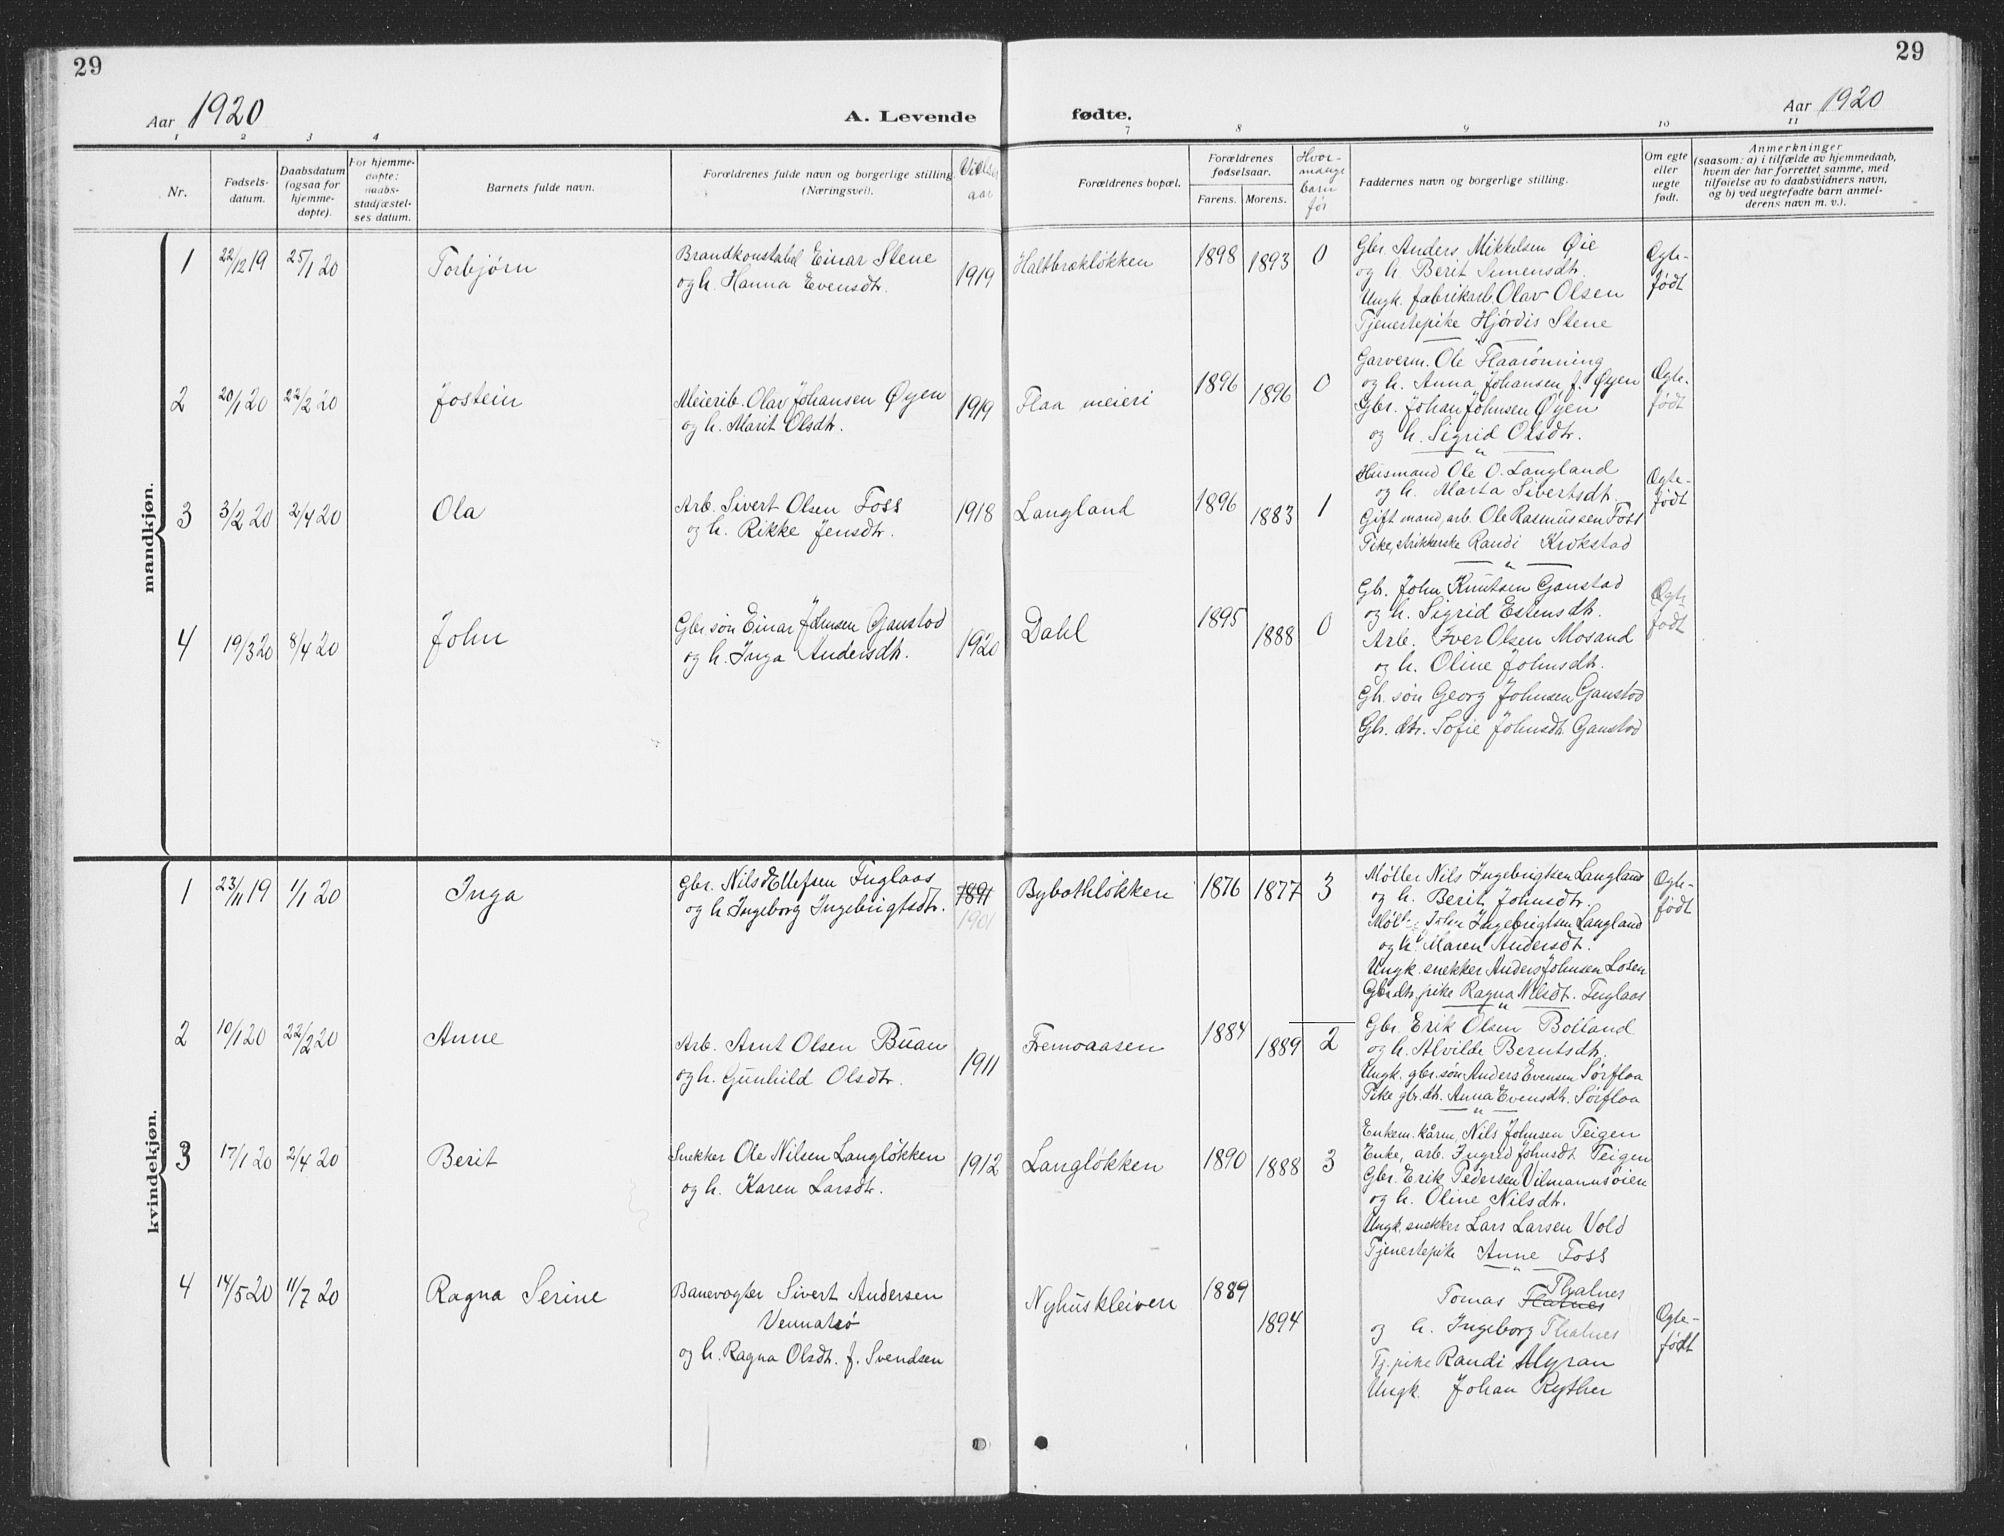 SAT, Ministerialprotokoller, klokkerbøker og fødselsregistre - Sør-Trøndelag, 693/L1124: Klokkerbok nr. 693C05, 1911-1941, s. 29